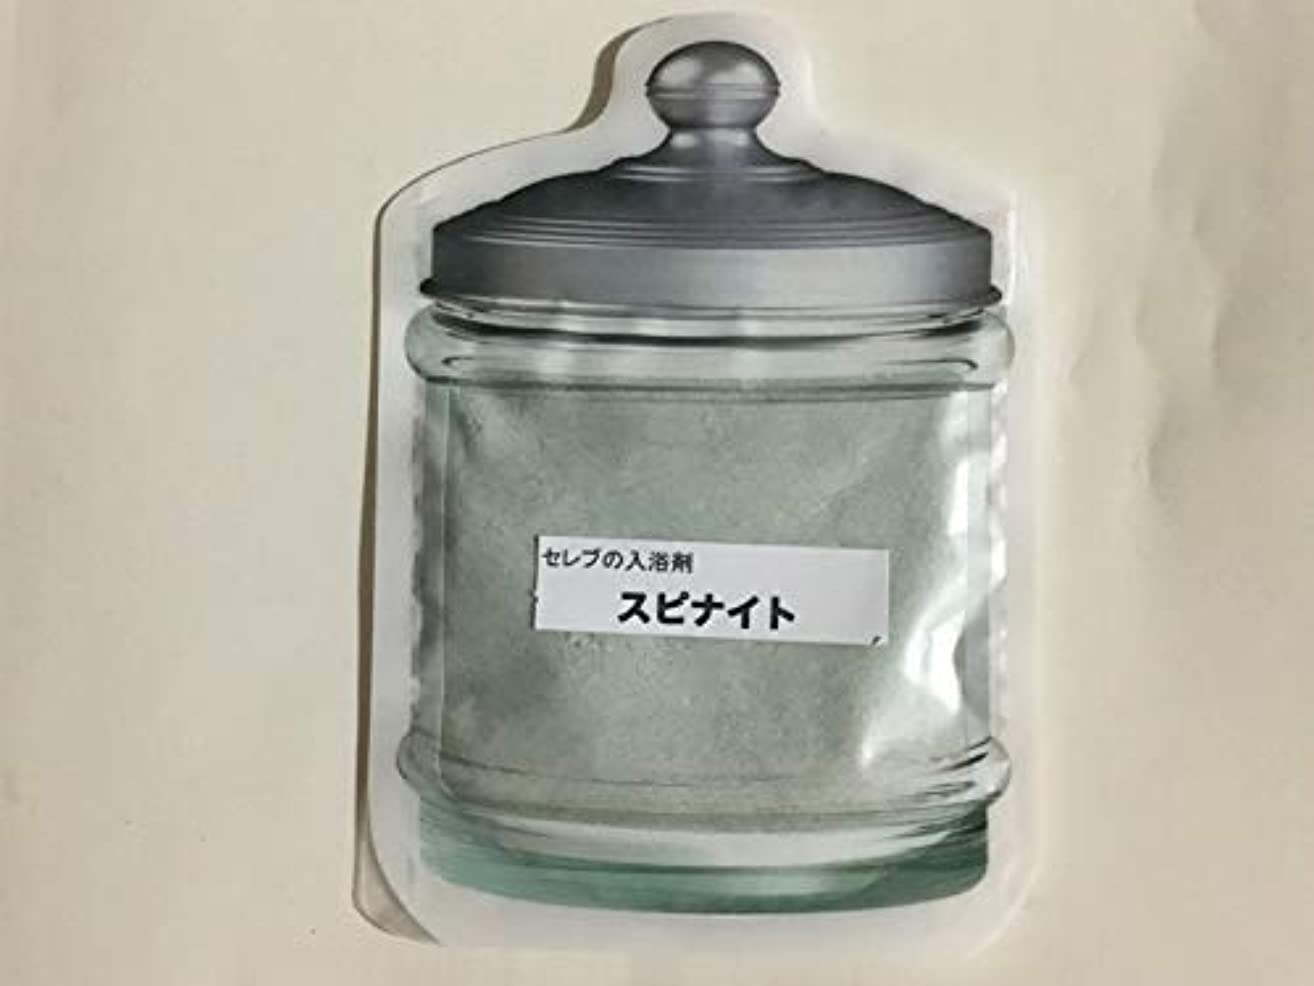 セーブランチ料理をするセレブの入浴剤「スピナイト」